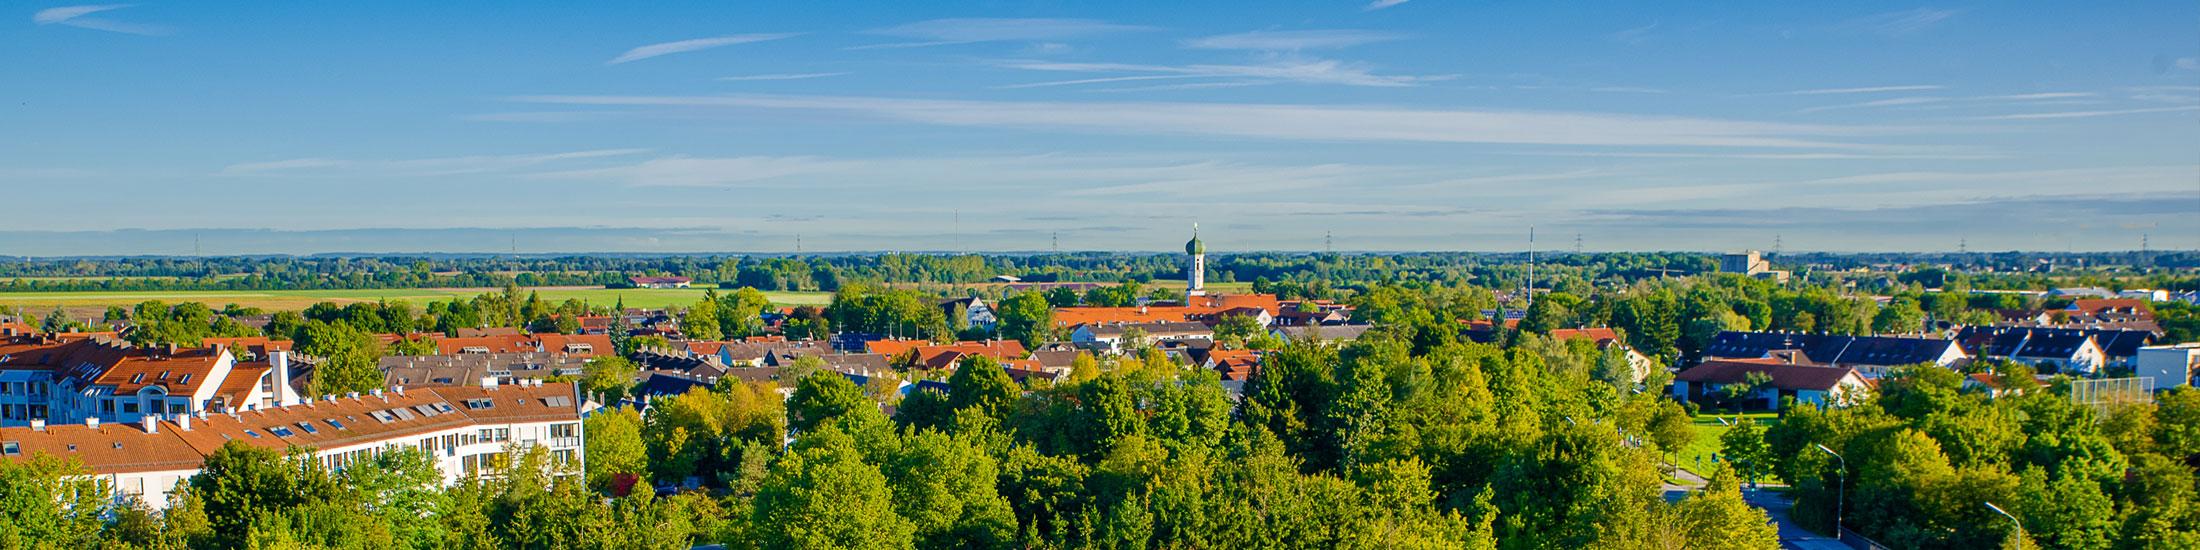 Panoramaaufnahme der Ortsteile Kirchheim und Hausen